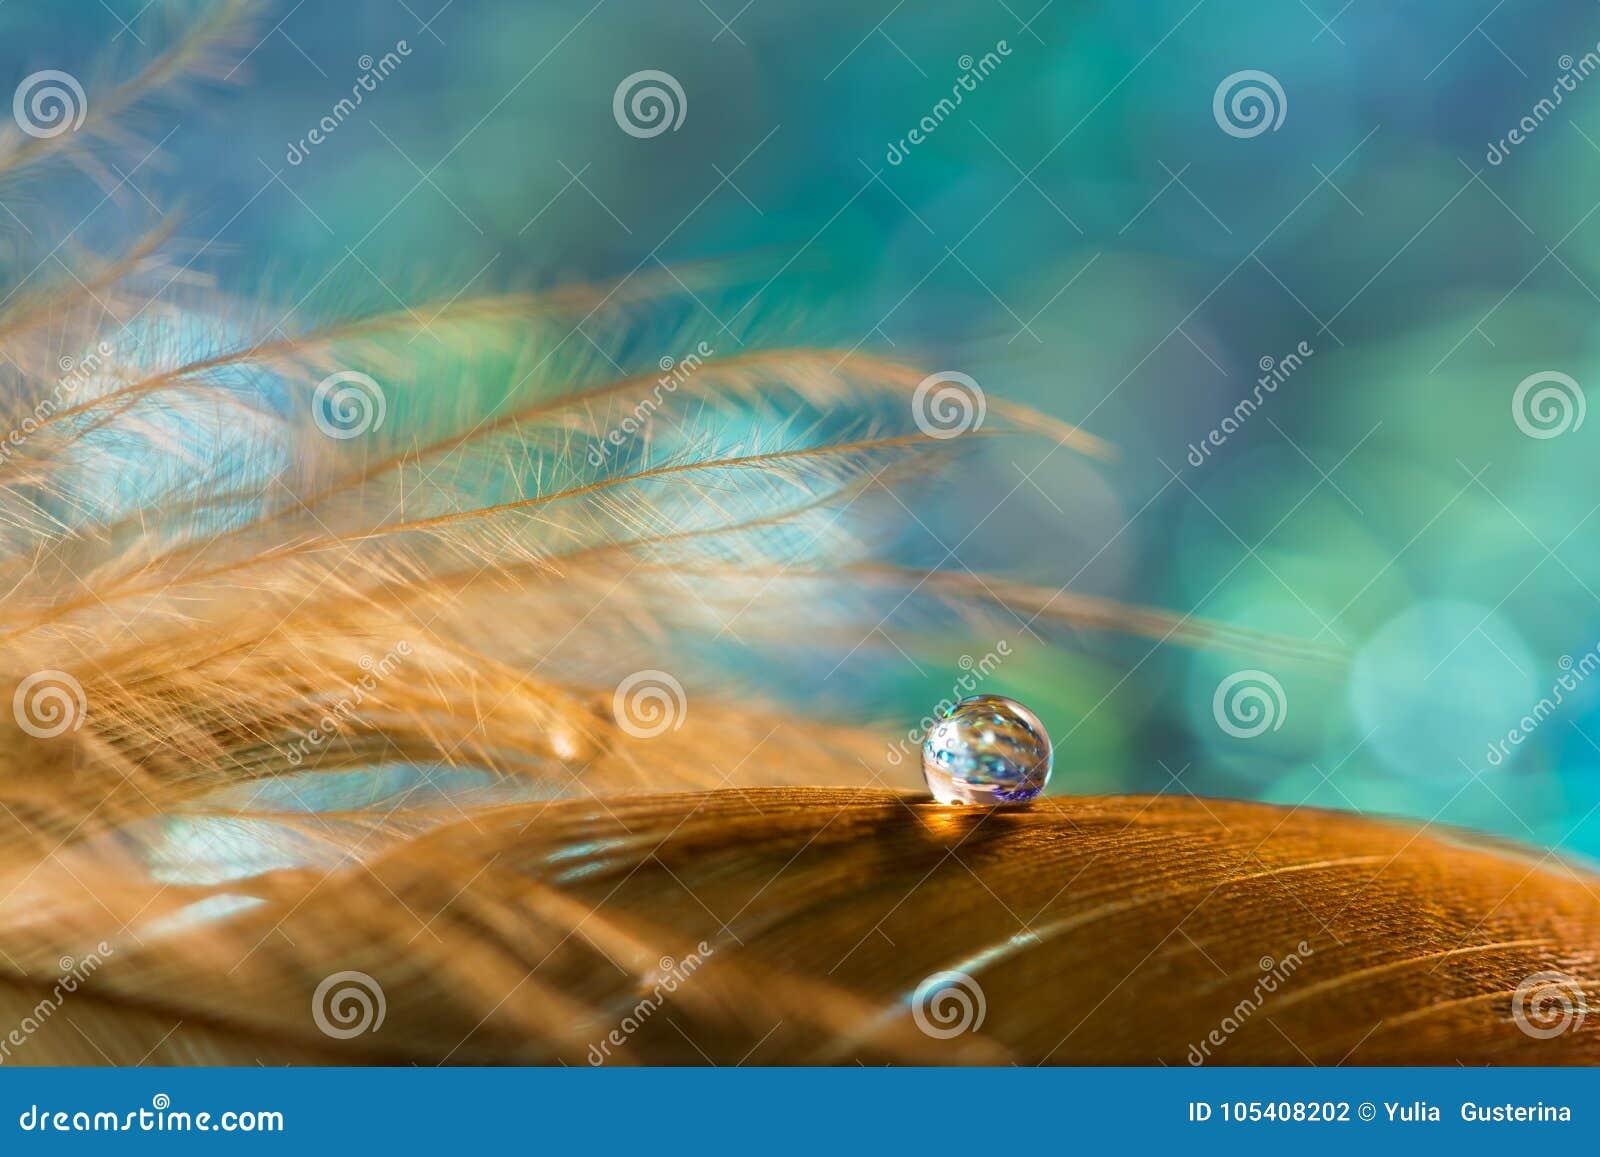 Ein Tropfen auf der goldenen Feder des Vogels auf einem Smaragdhintergrund Schönes stilvolles Makro